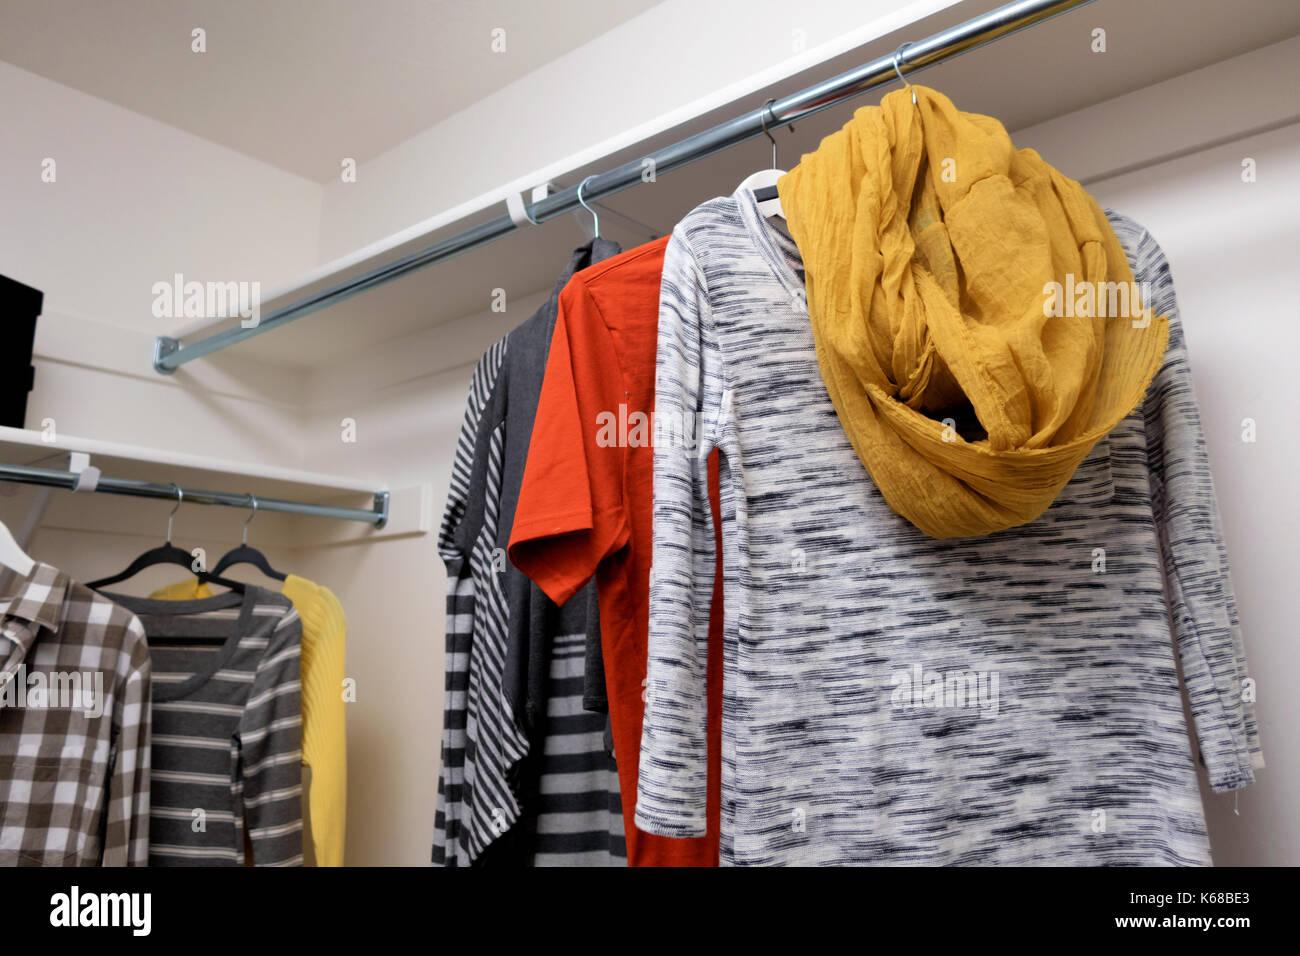 Un vestidor con camisetas de manga corta del hombre y la mujer suéteres y bufandas. Imagen De Stock